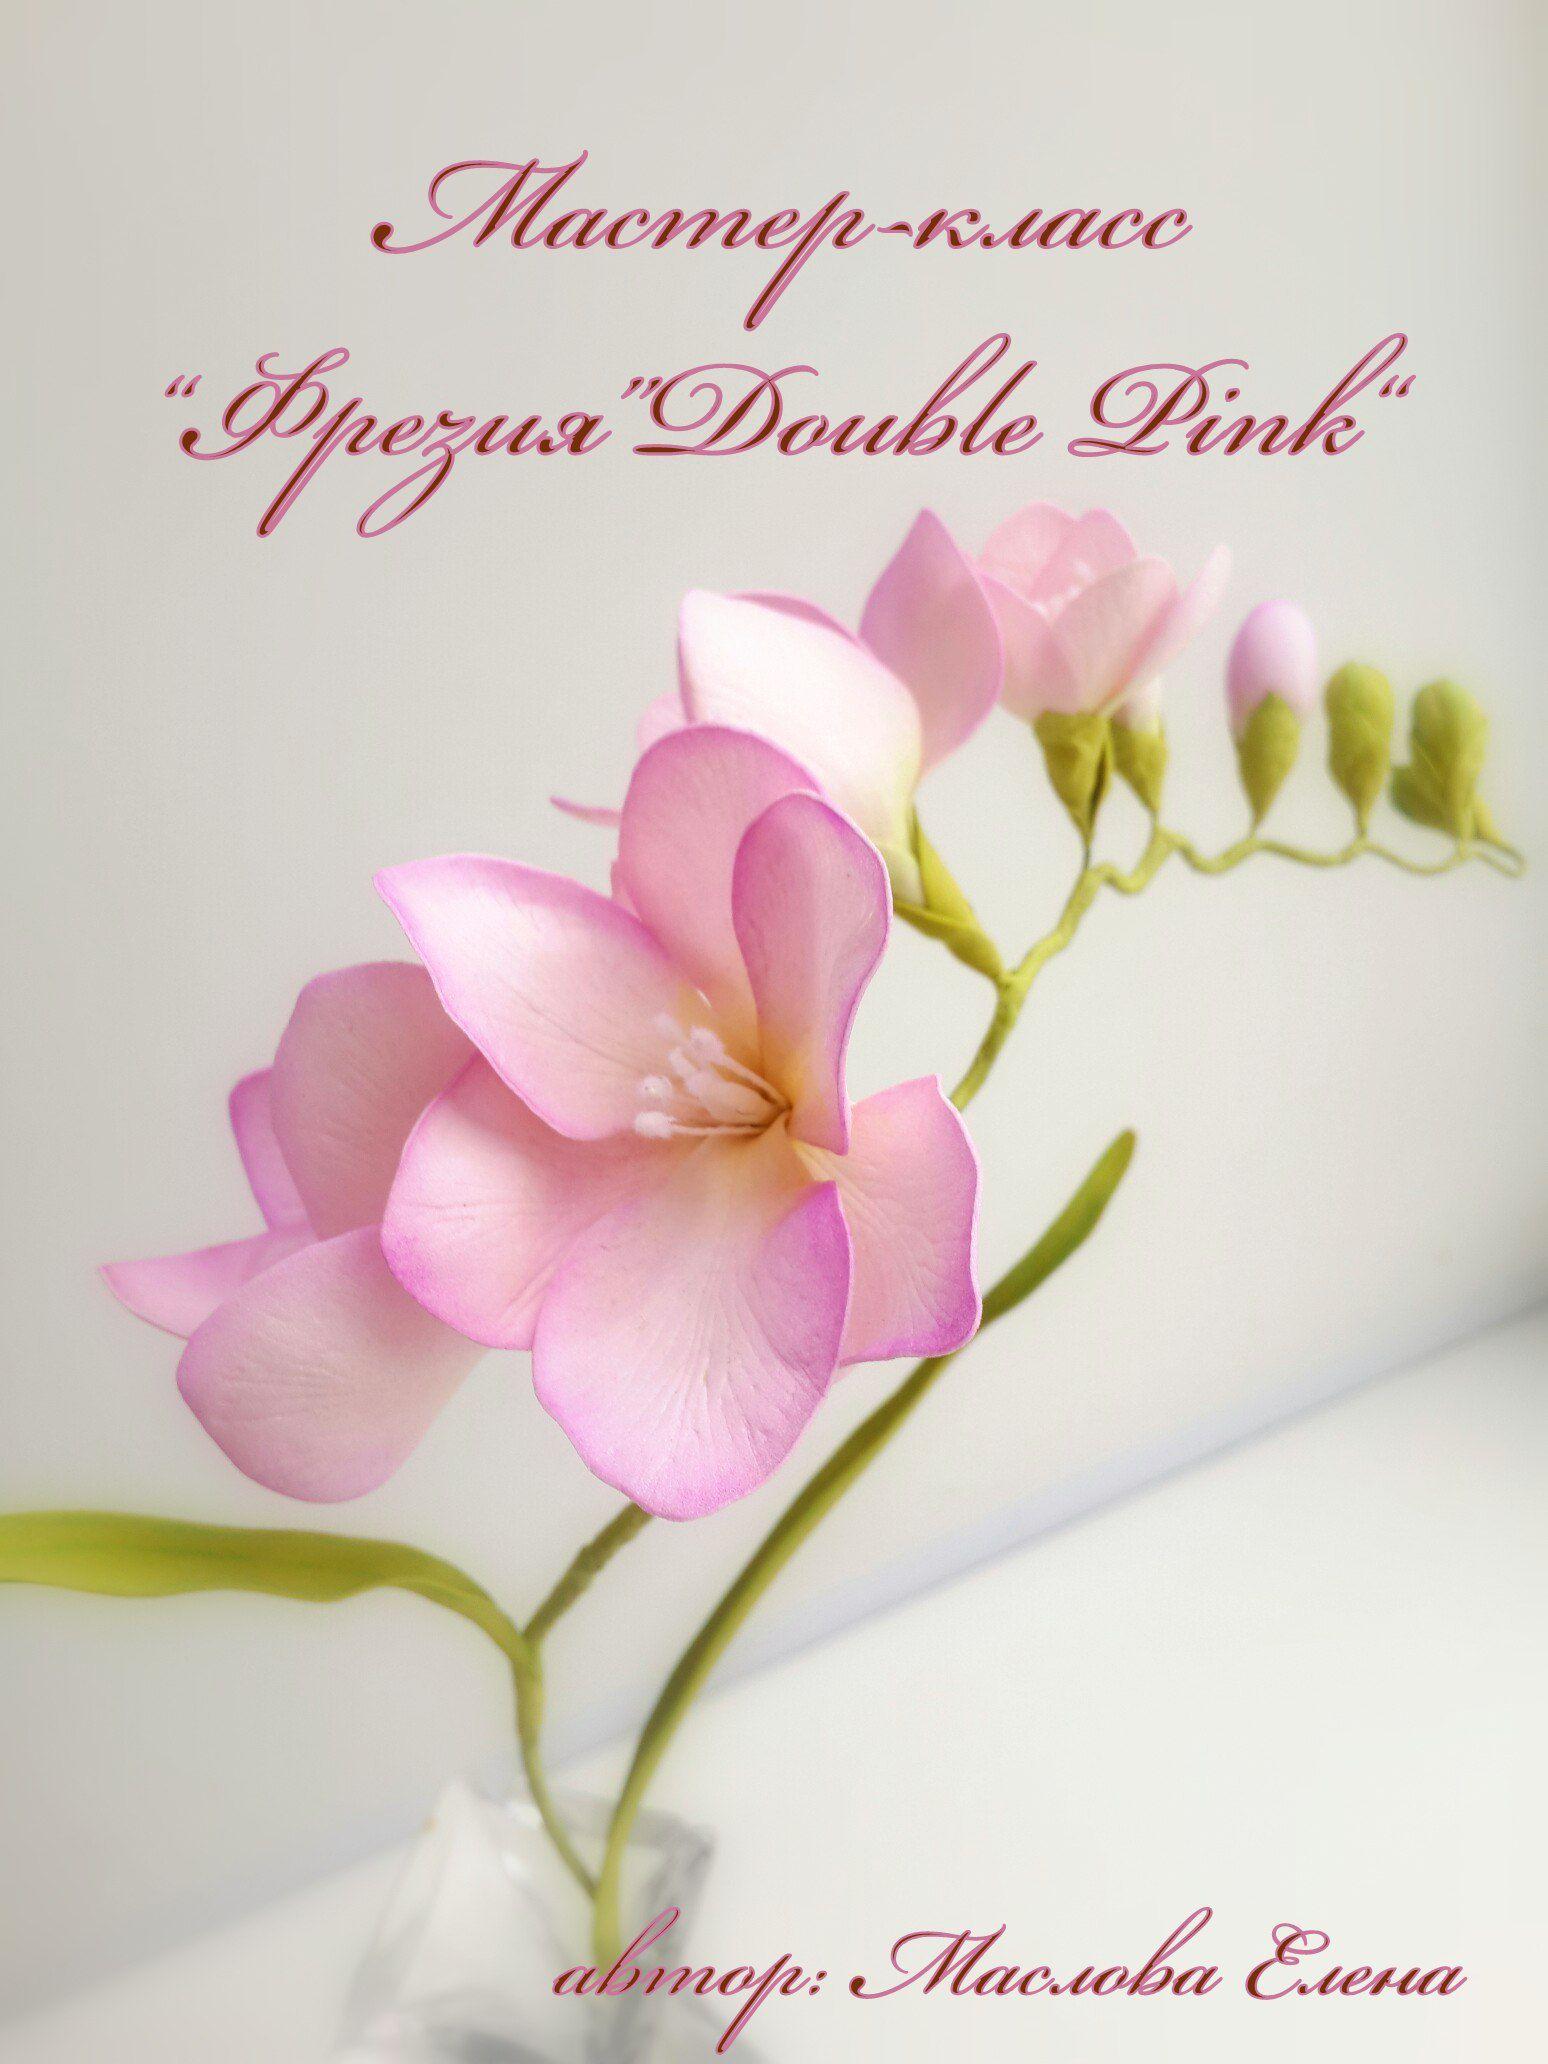 ручнаяработа фом украшение английская бледнорозовый фрезия мастеркласс фоамиран волос роза видео мк